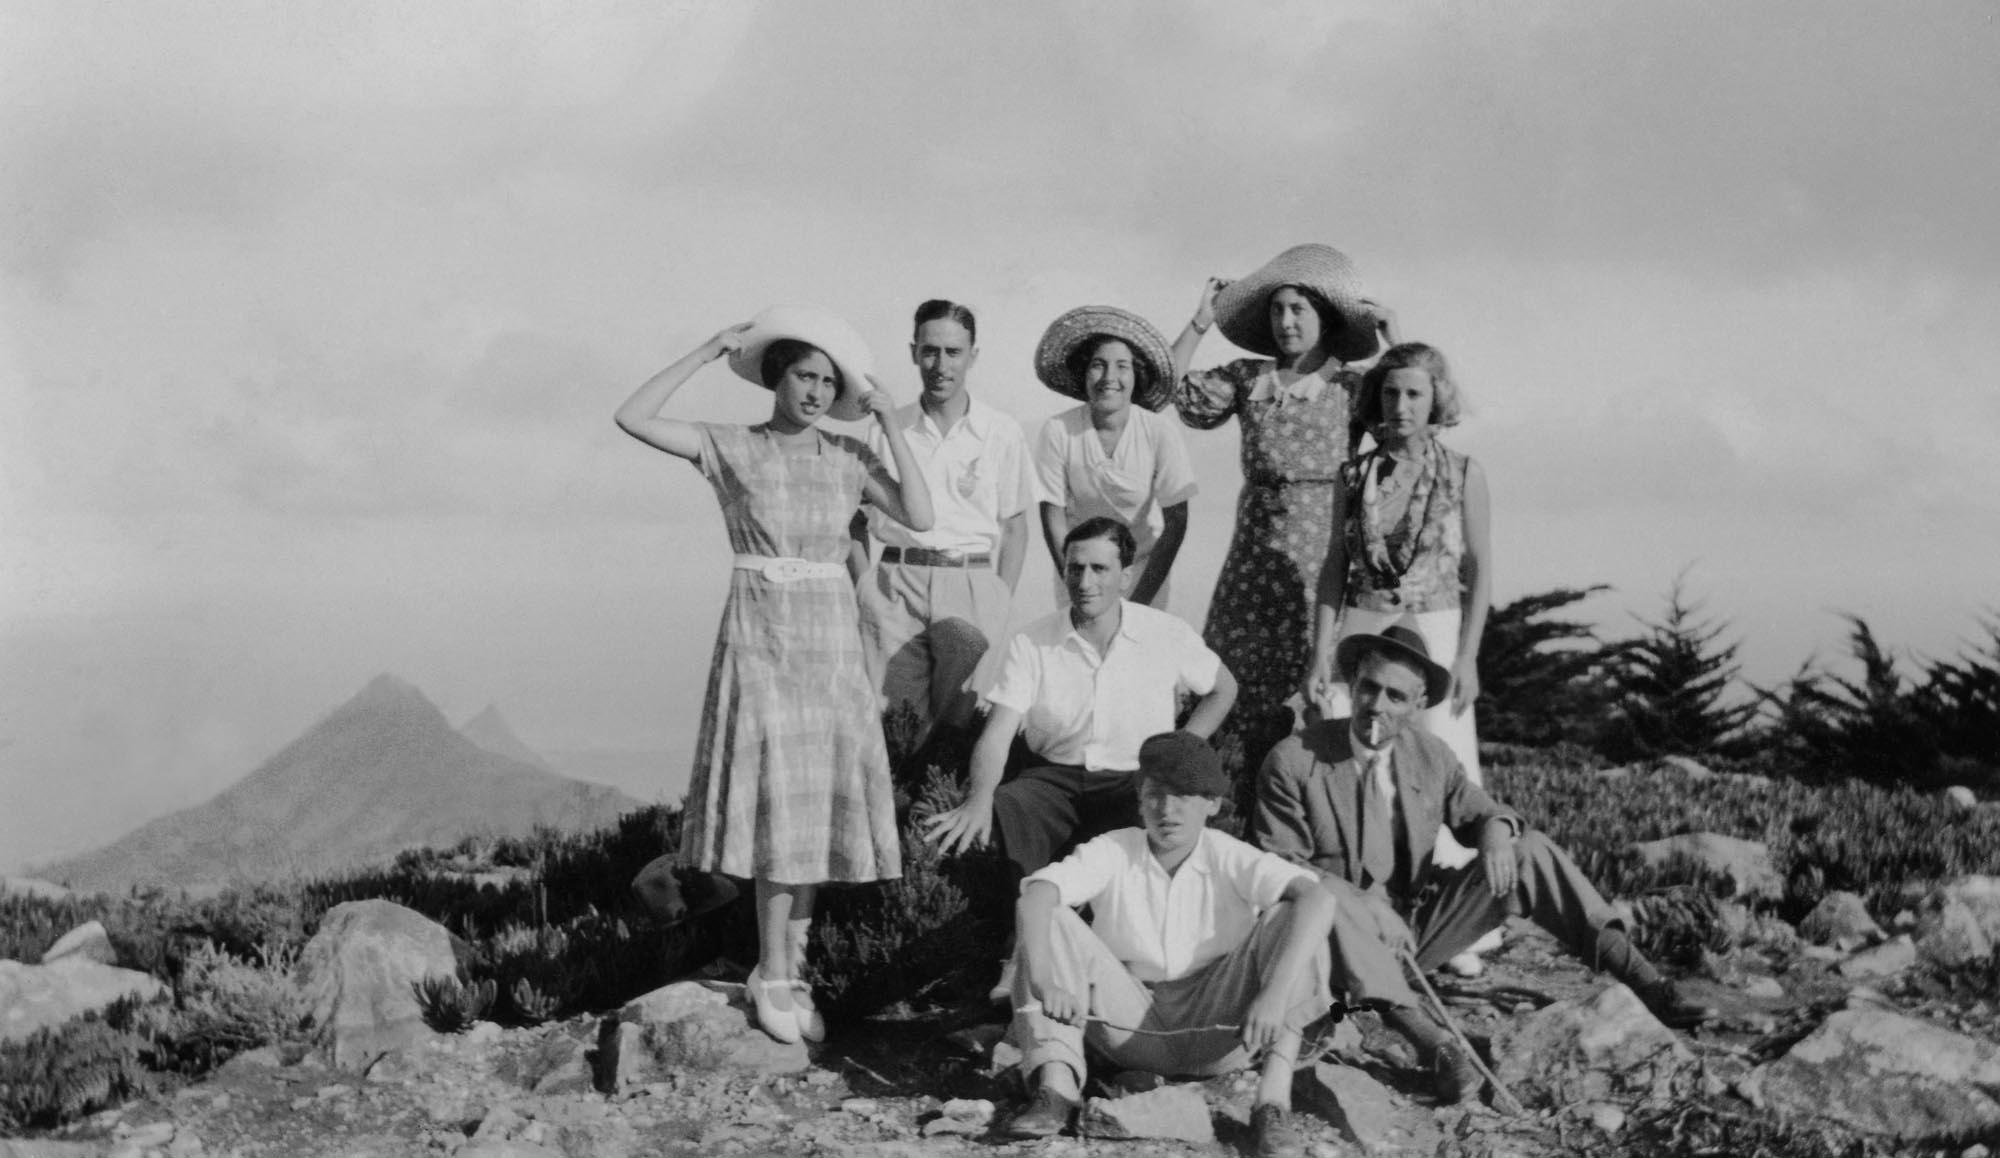 Album V: Picnic with a Volcano, Porto Santo, 1935